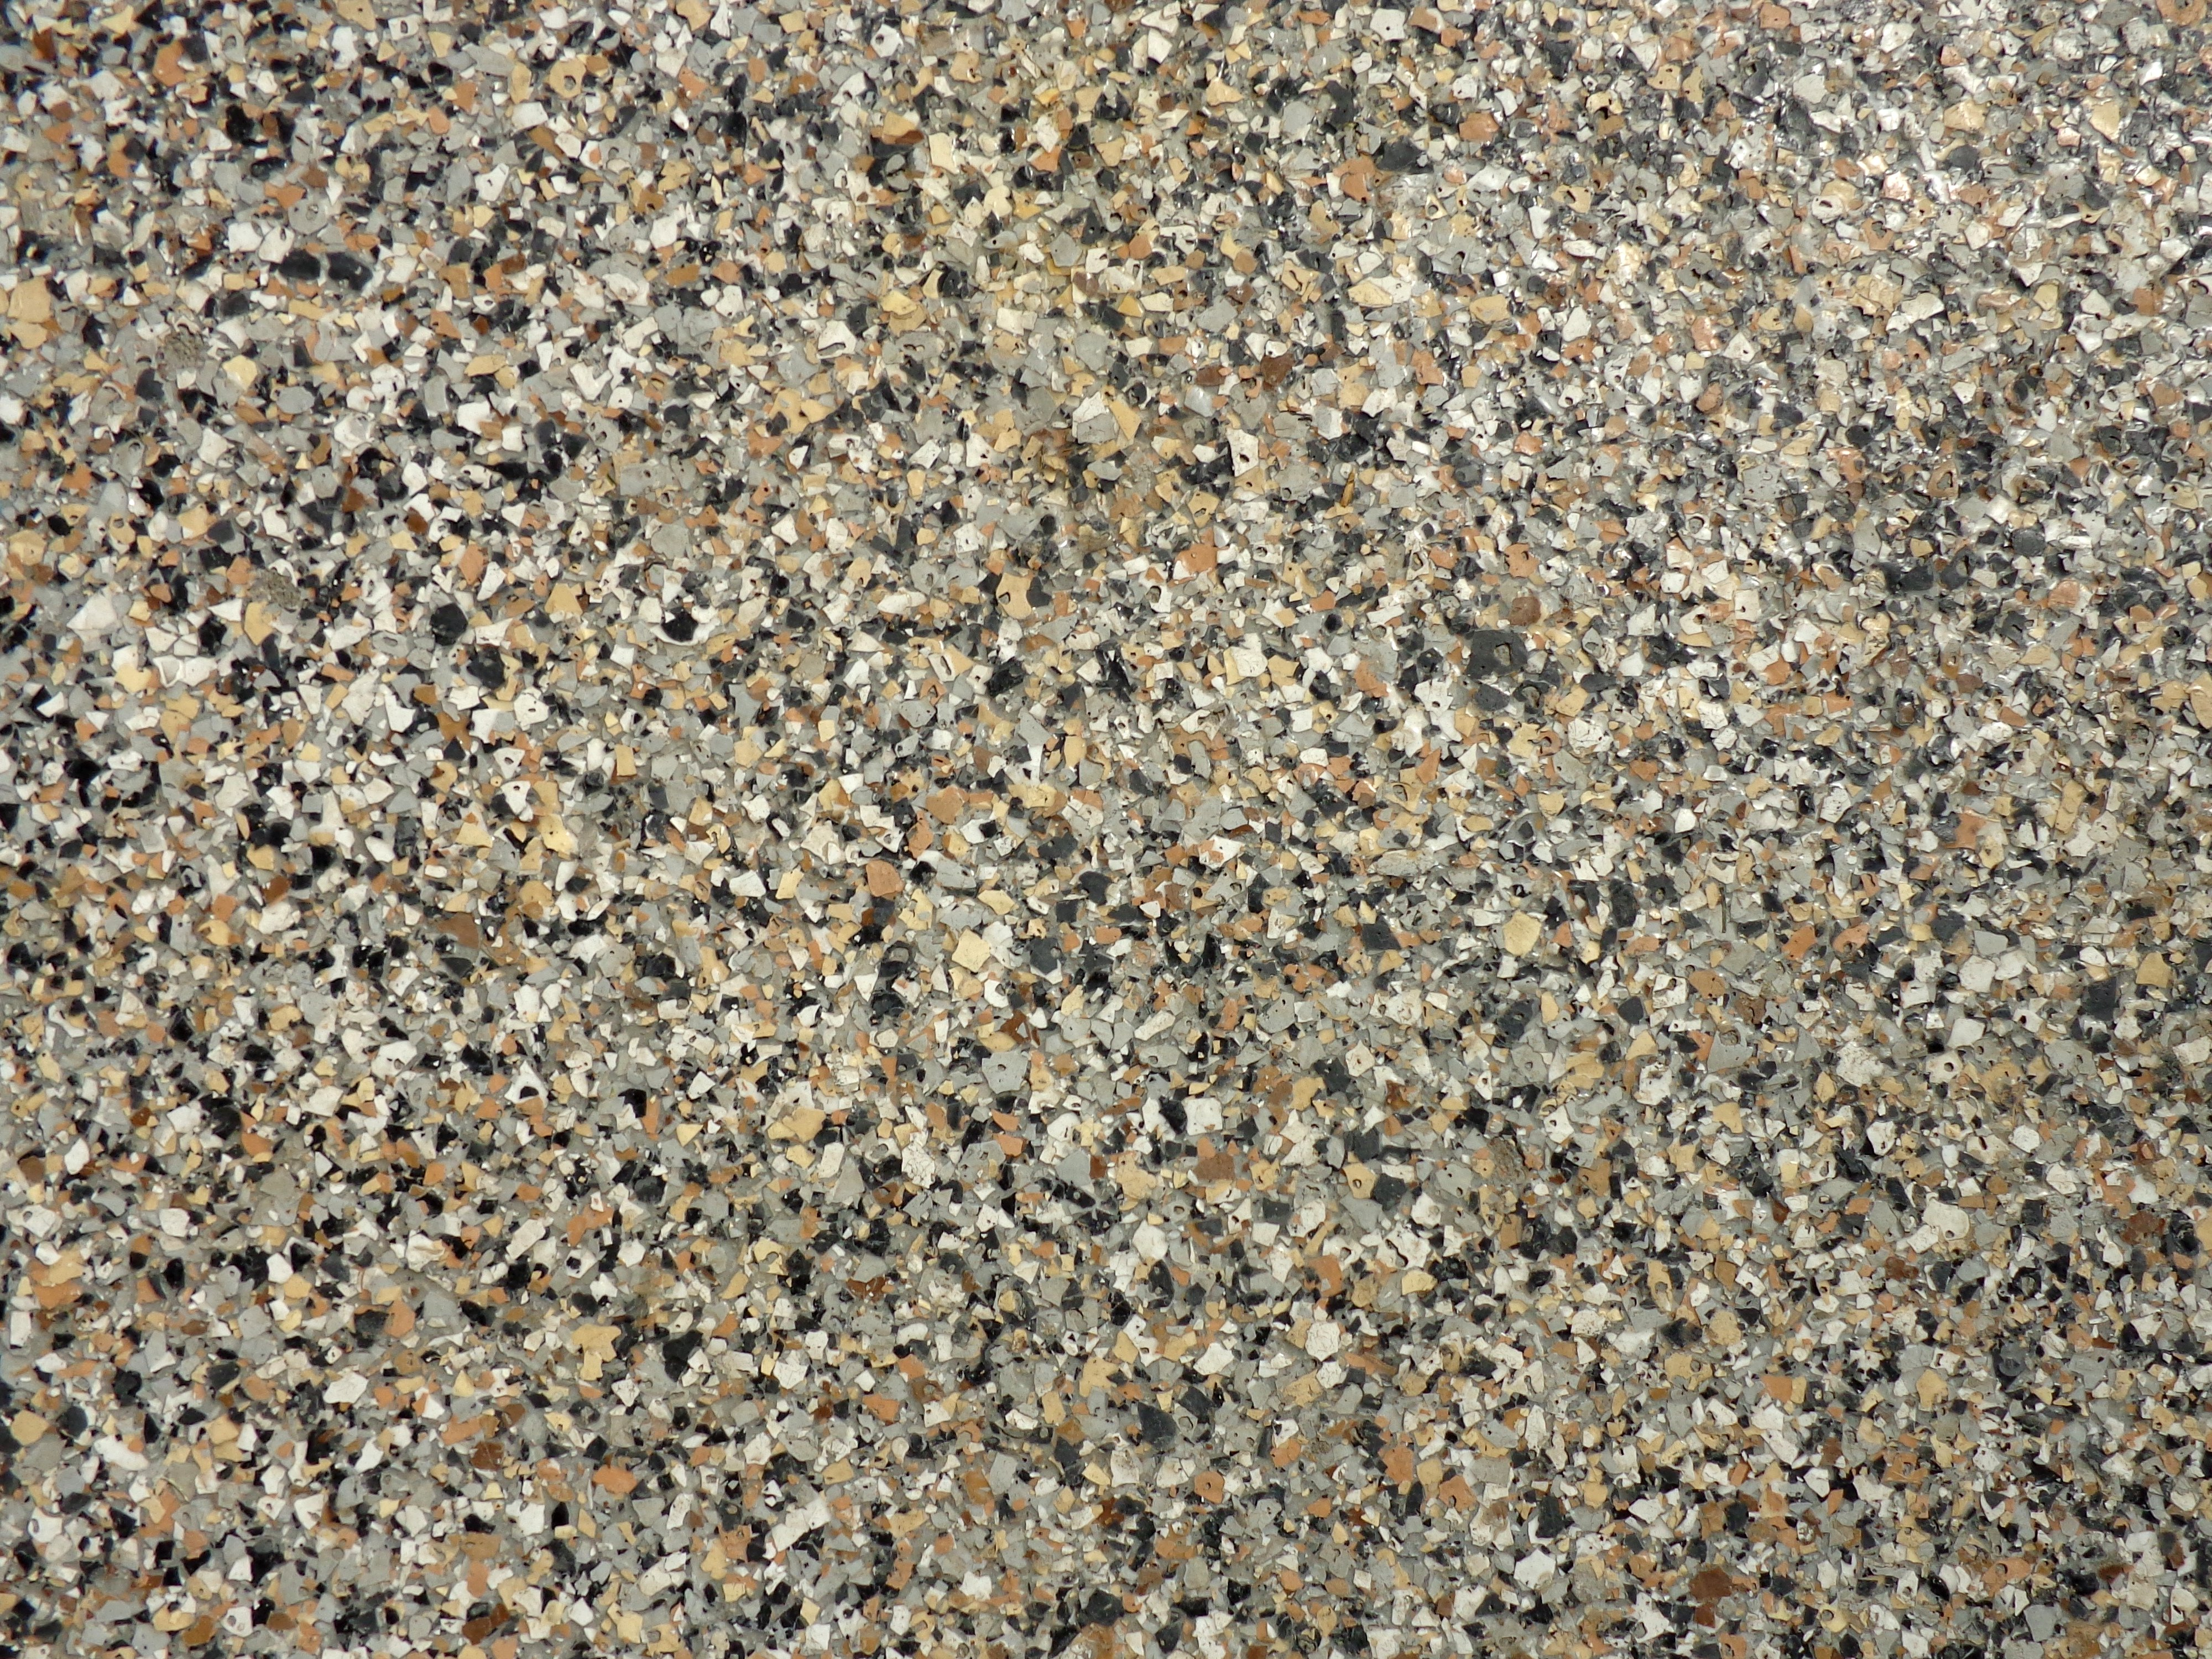 Granite Style Linoleum Floor Texture Picture Free